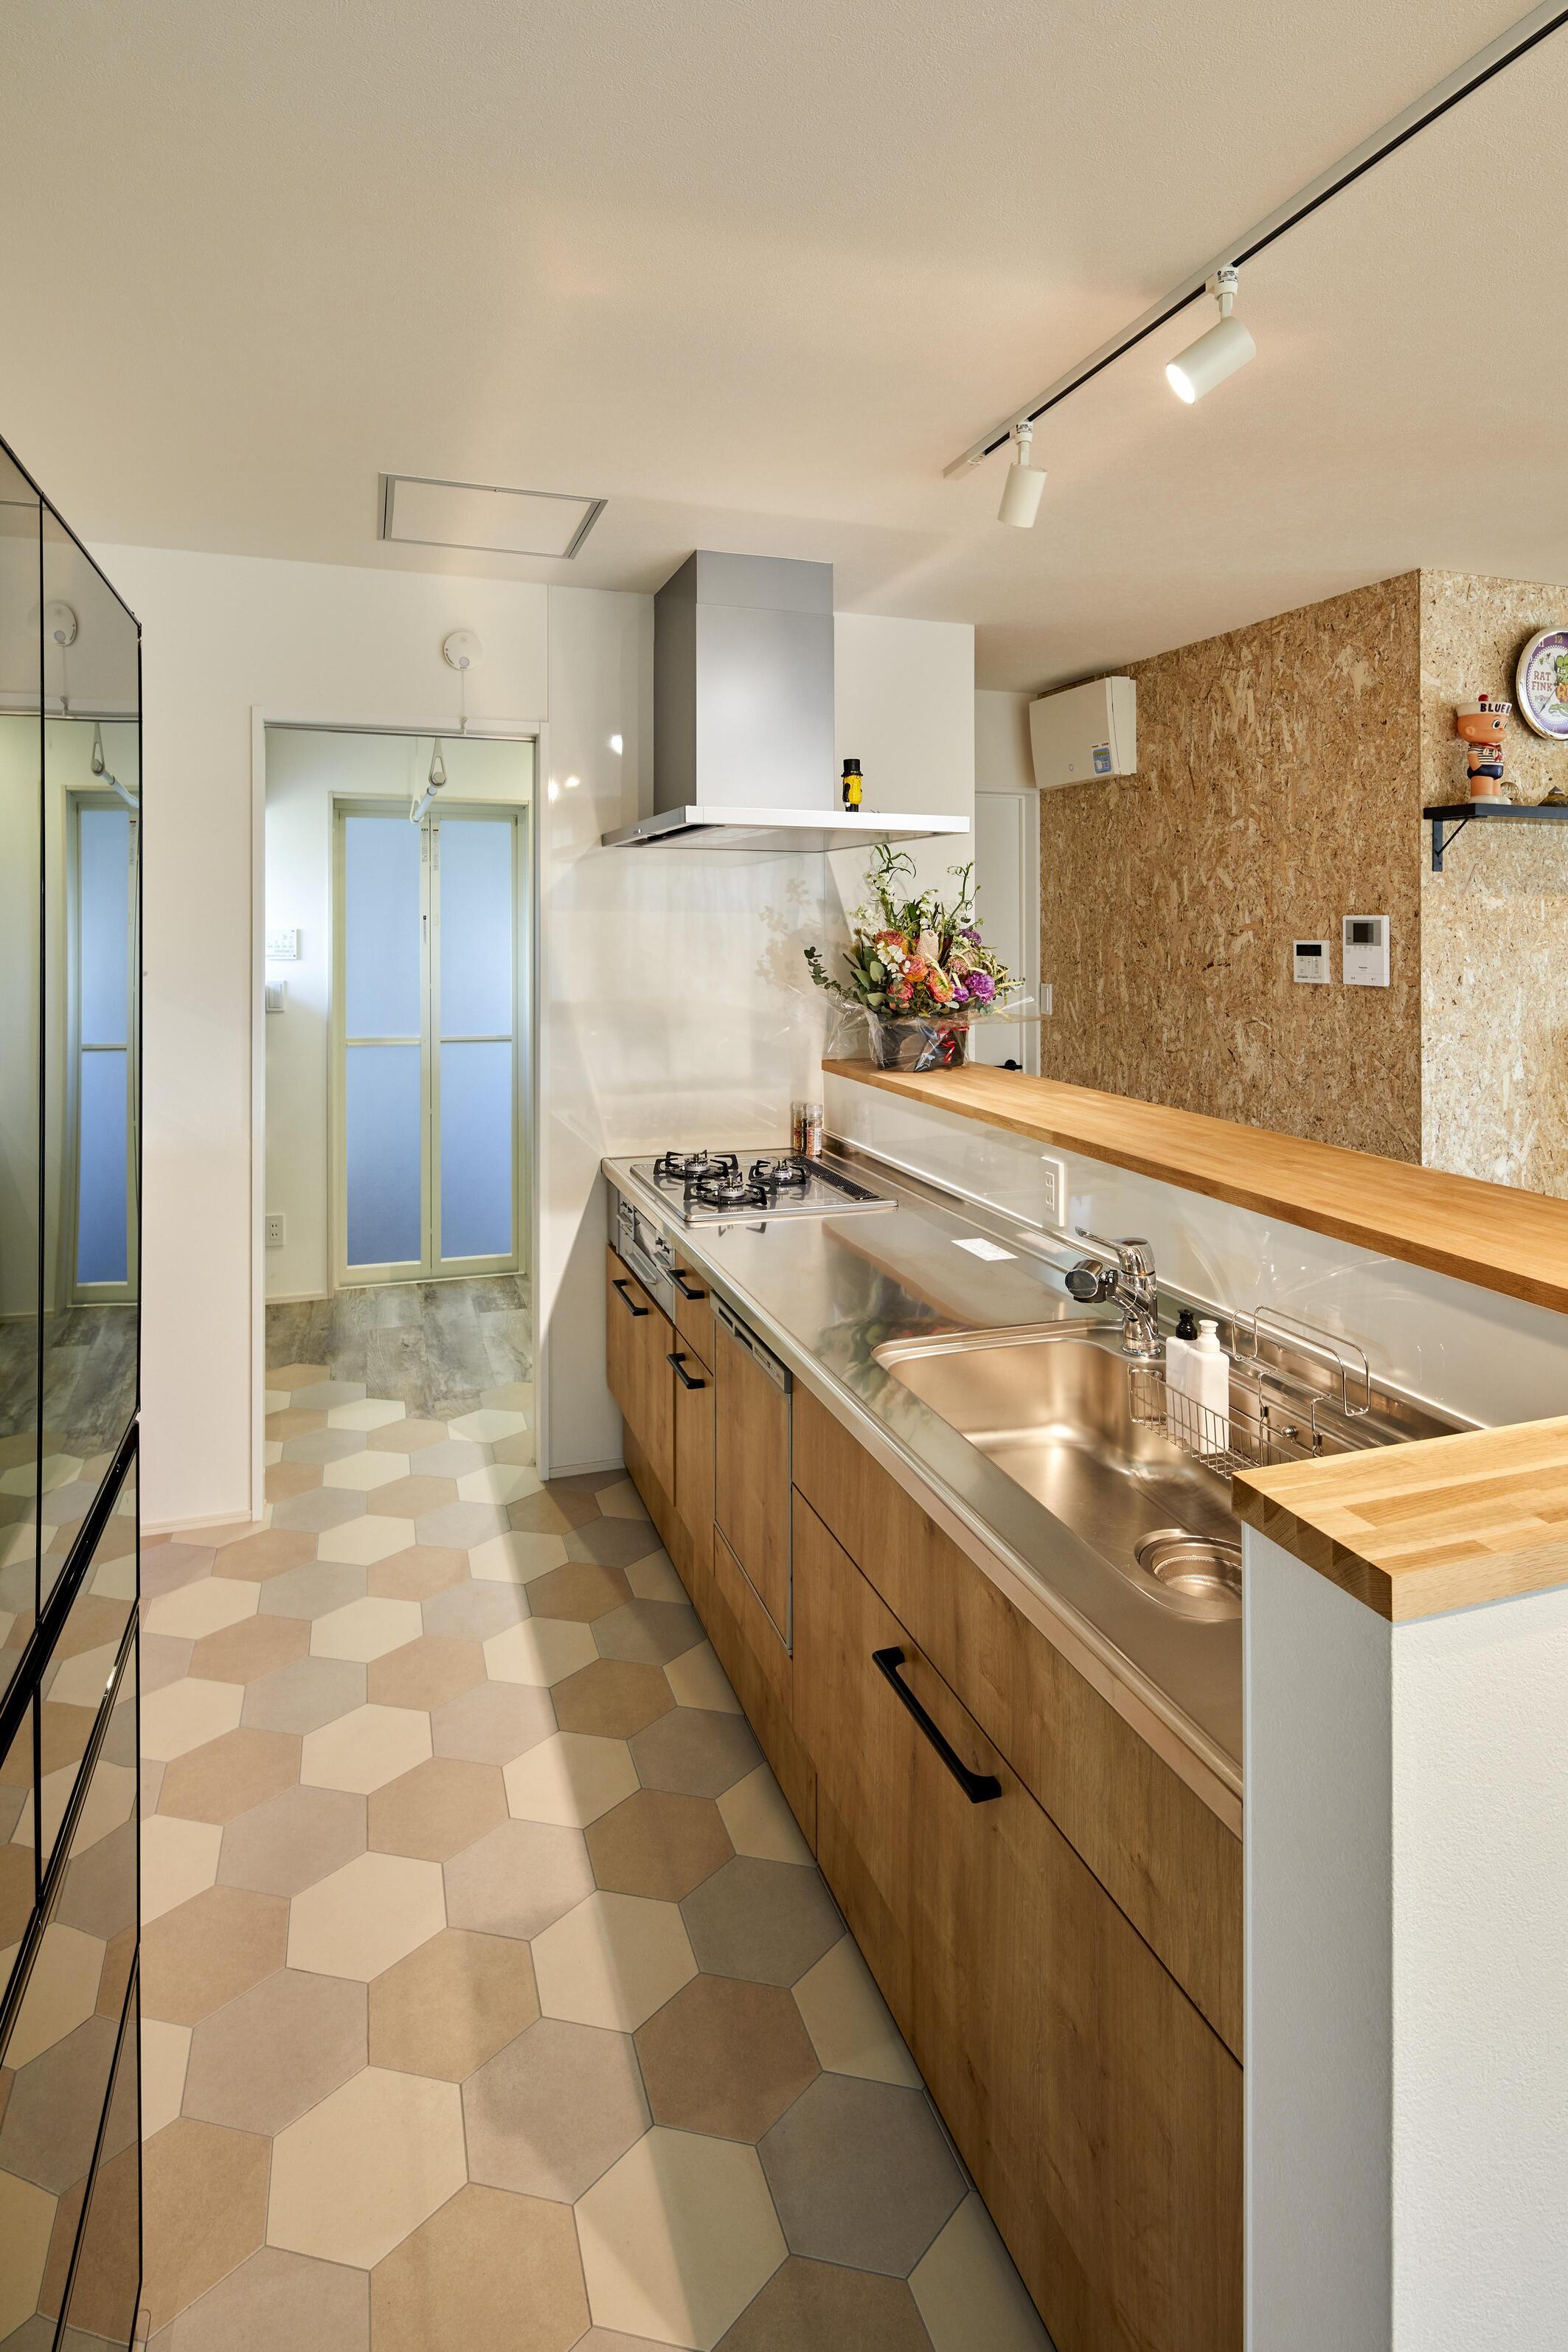 キッチンは幅の広い笠木を採用し、使い勝手の良いカウンターに